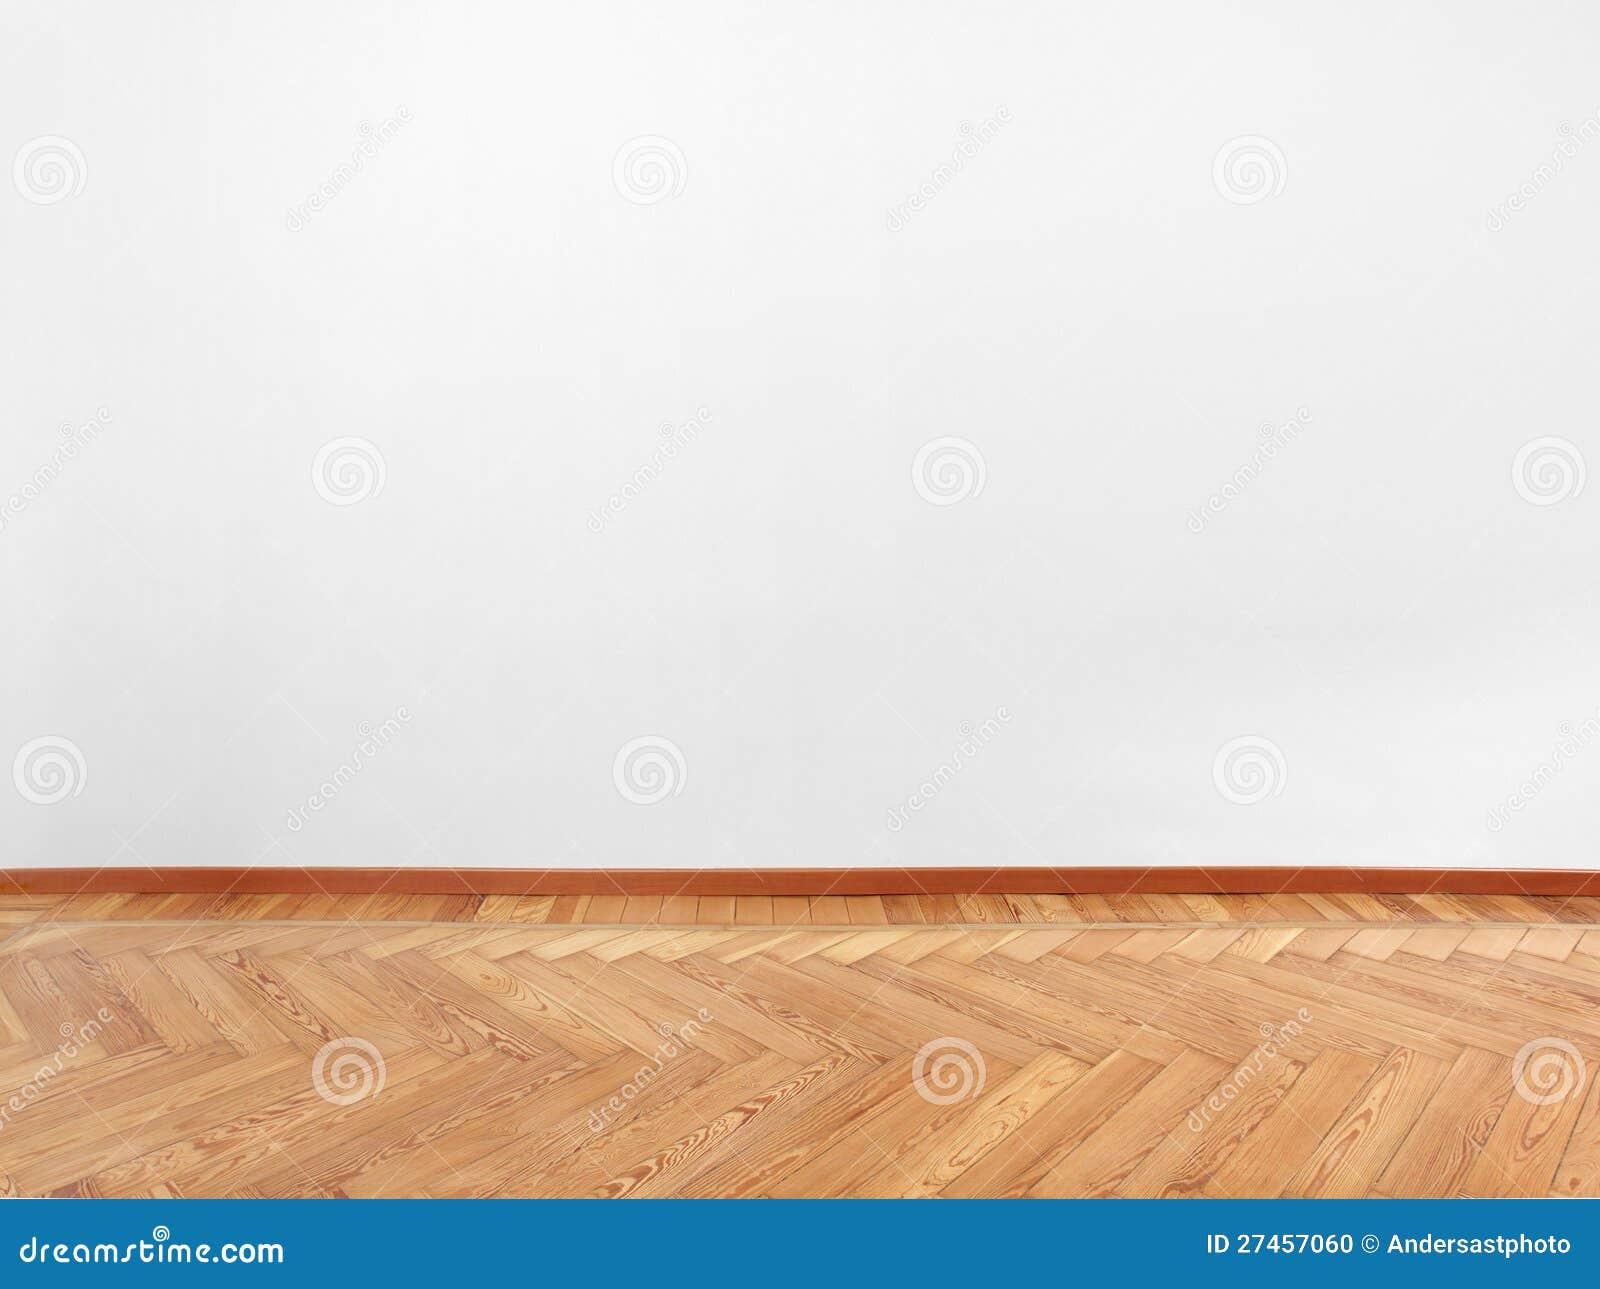 parquet et mur blanc vide photo stock image du fonc 27457060. Black Bedroom Furniture Sets. Home Design Ideas